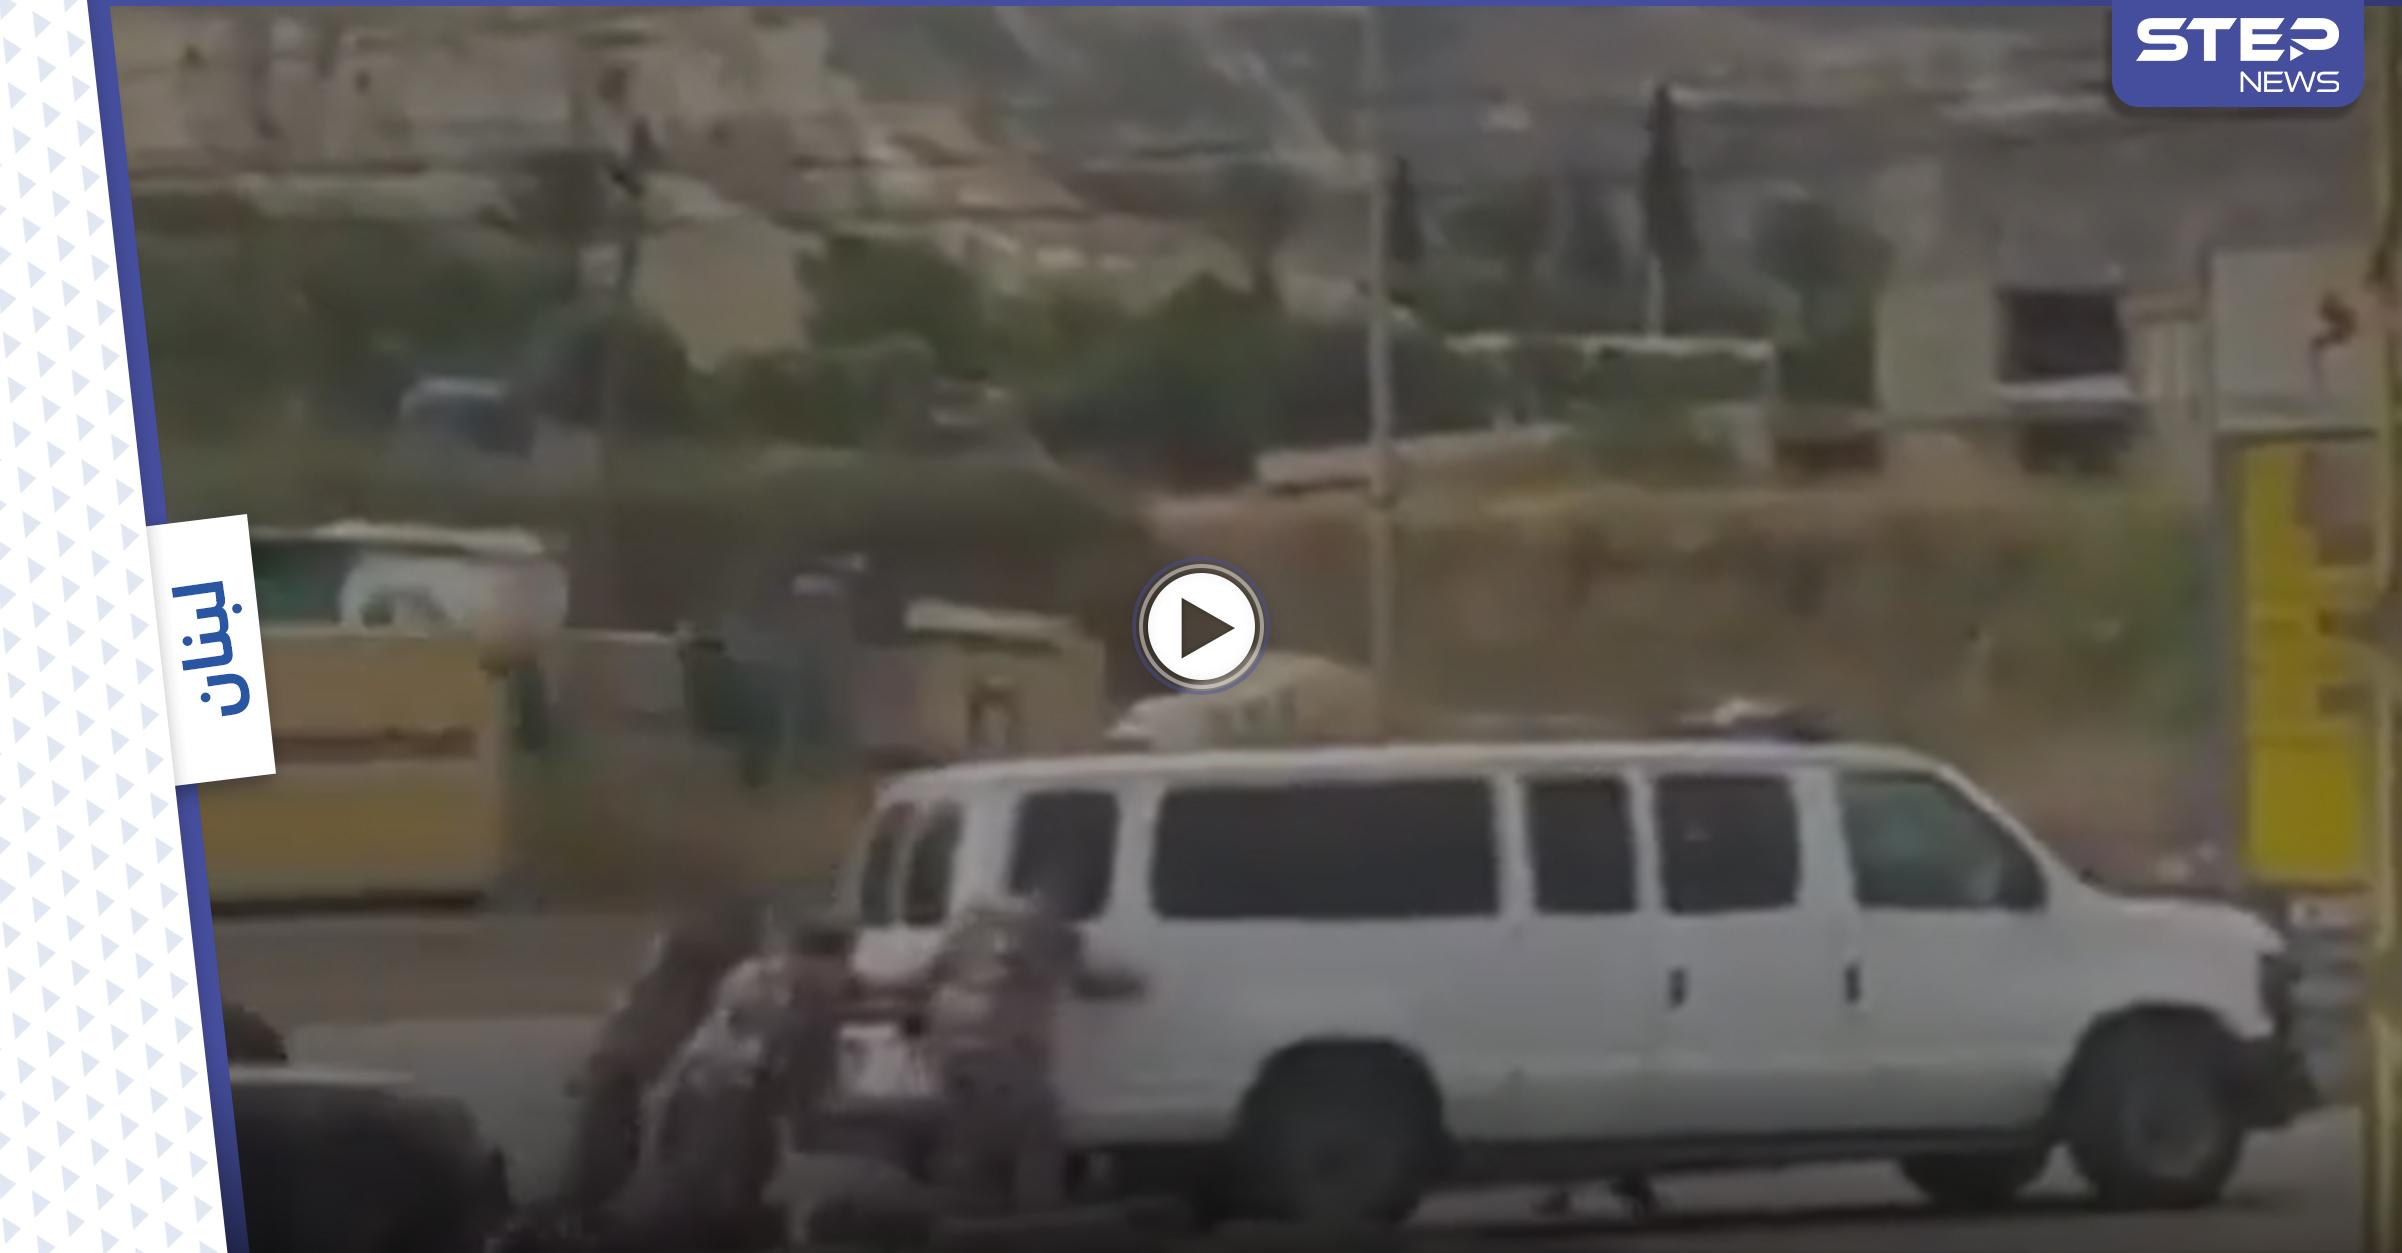 بالفيديو   ضابط لبناني يشعل مواقع التواصل بكلماته المؤثرة وقوى الأمن الداخلي تضبط كميات وقود ضخمة